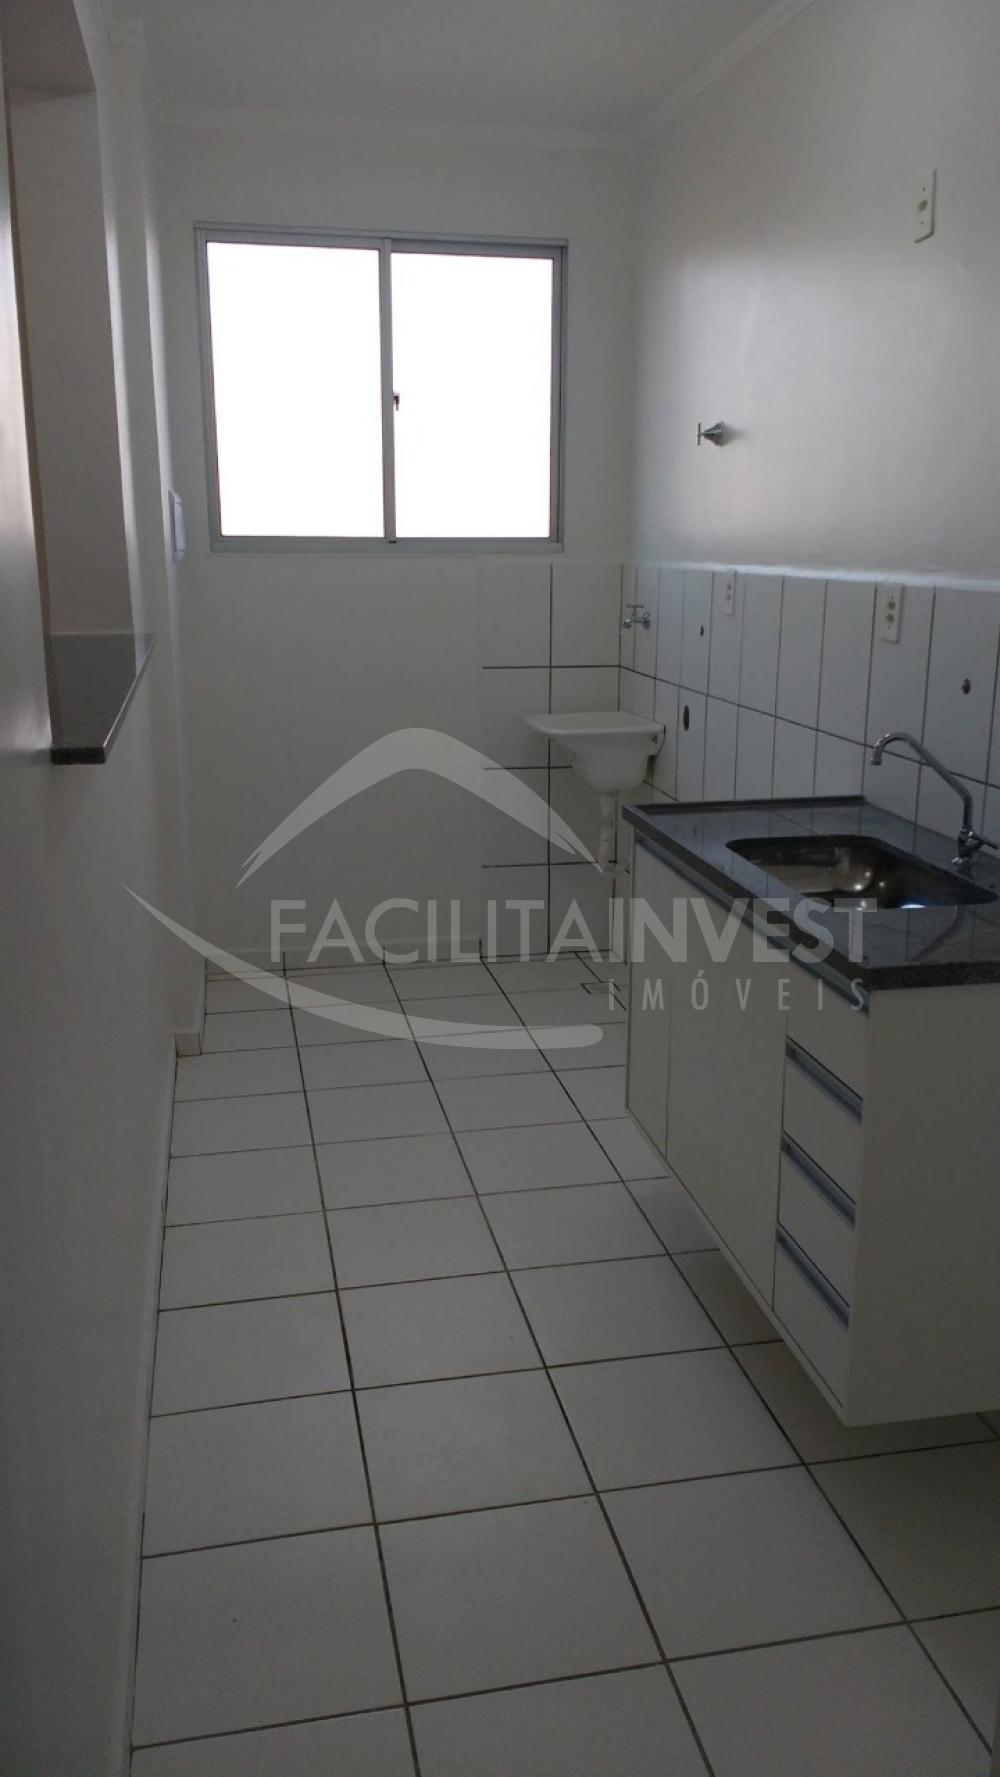 Comprar Apartamentos / Apart. Padrão em Ribeirão Preto apenas R$ 170.000,00 - Foto 3